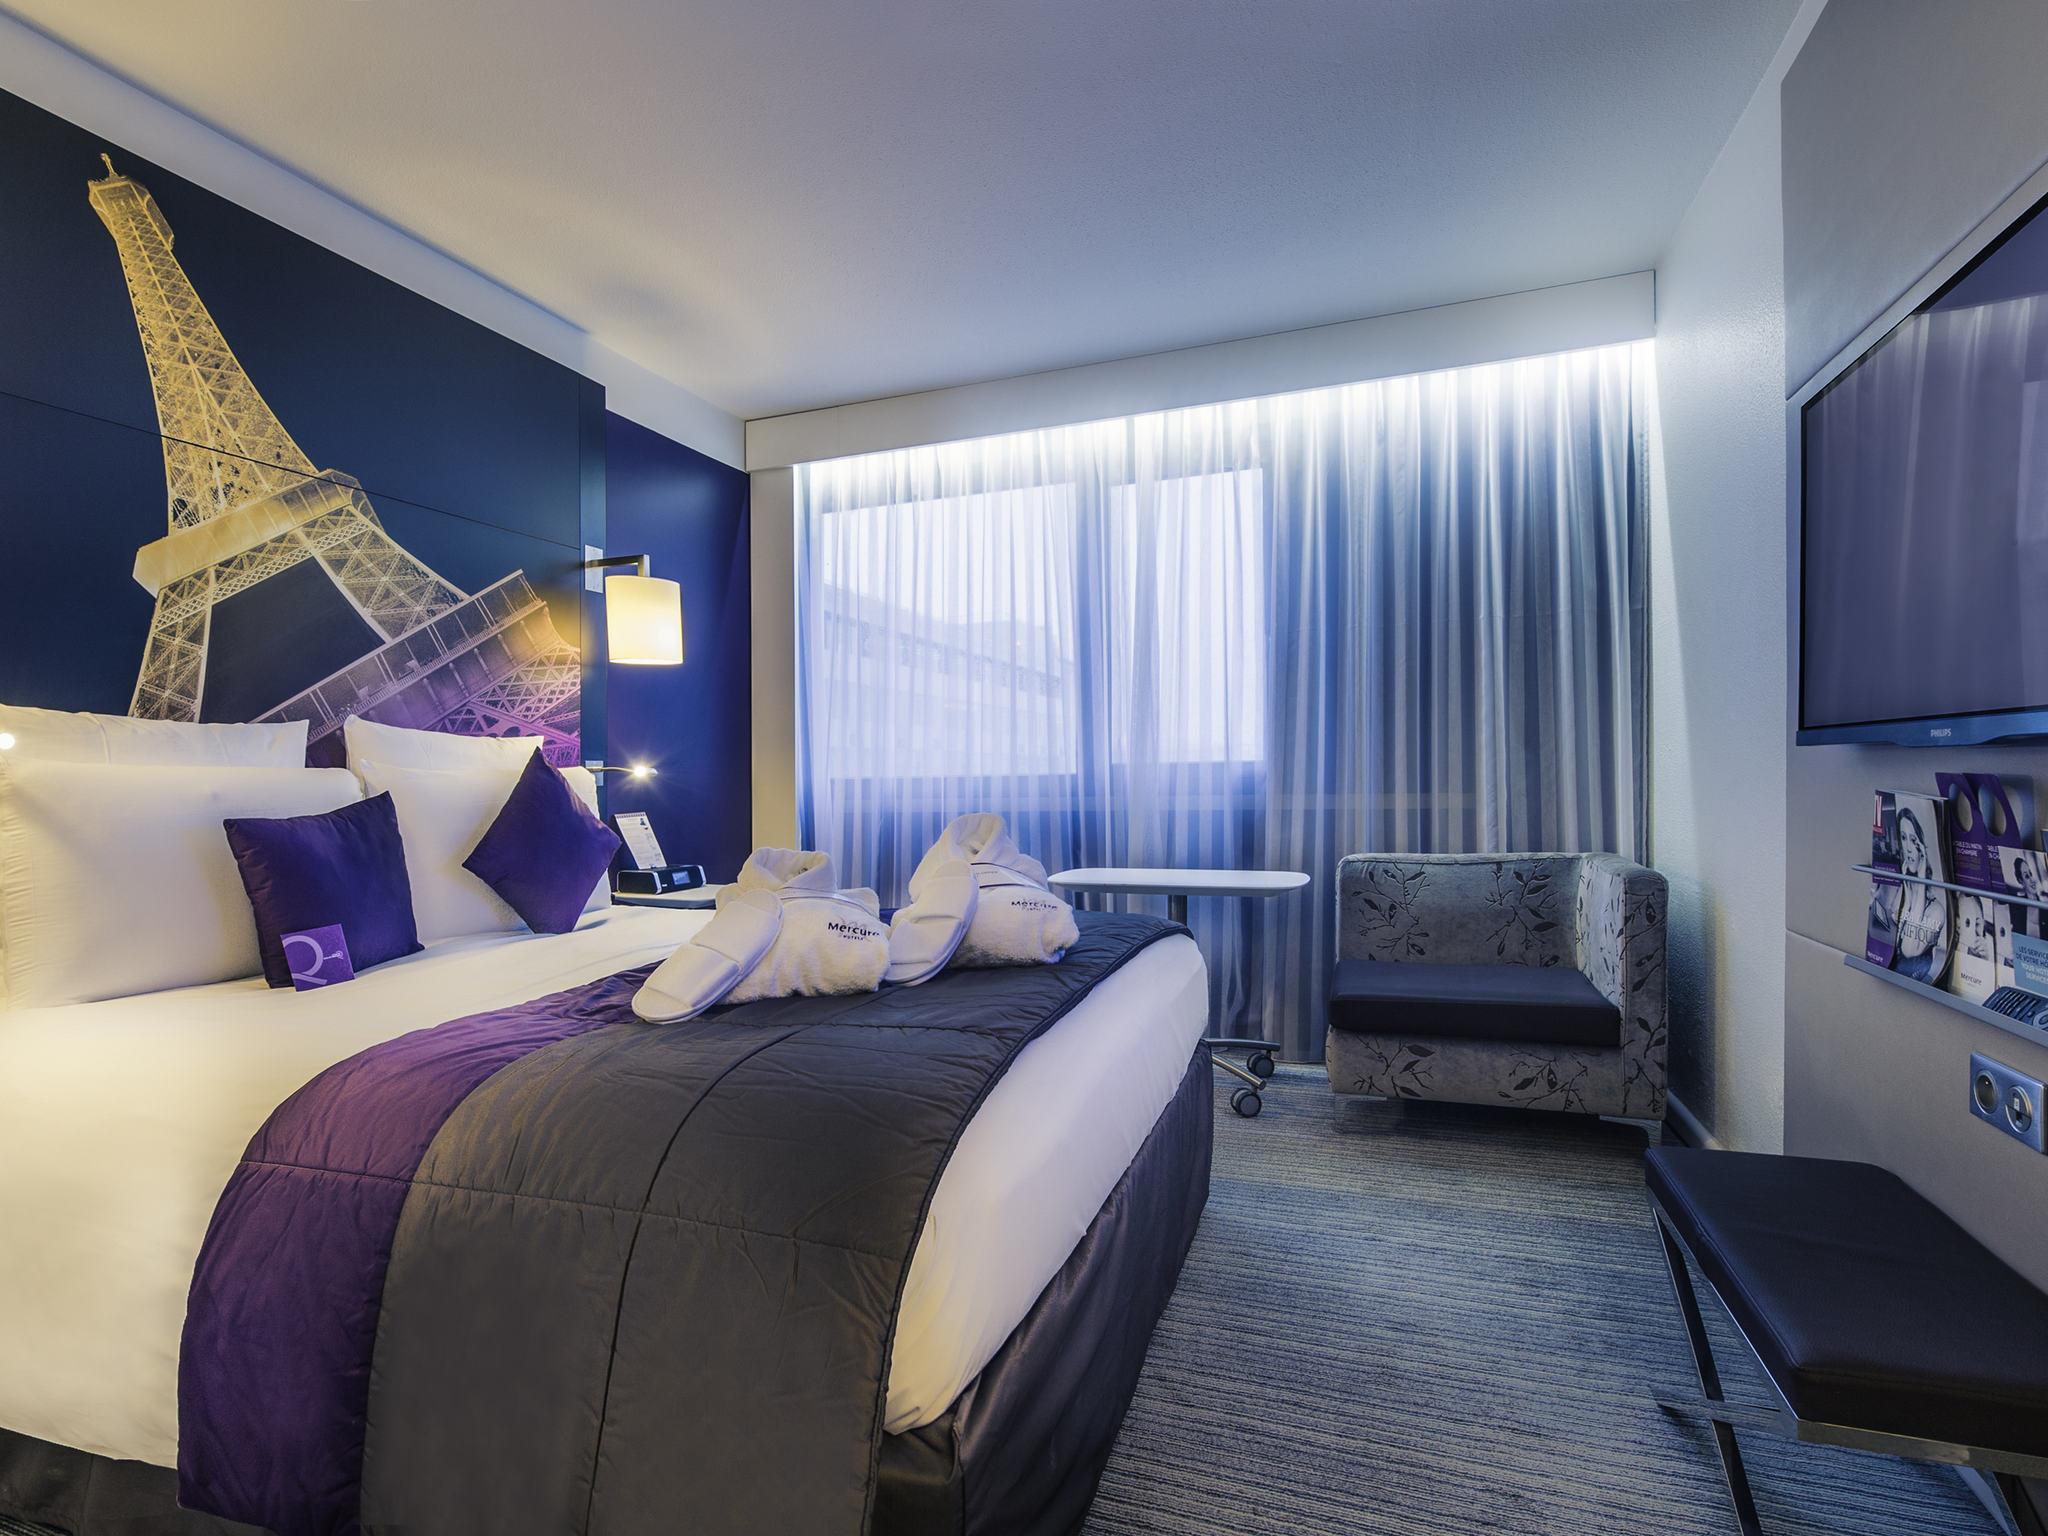 Otel – Mercure Paris Eyfel Kulesi Merkez oteli